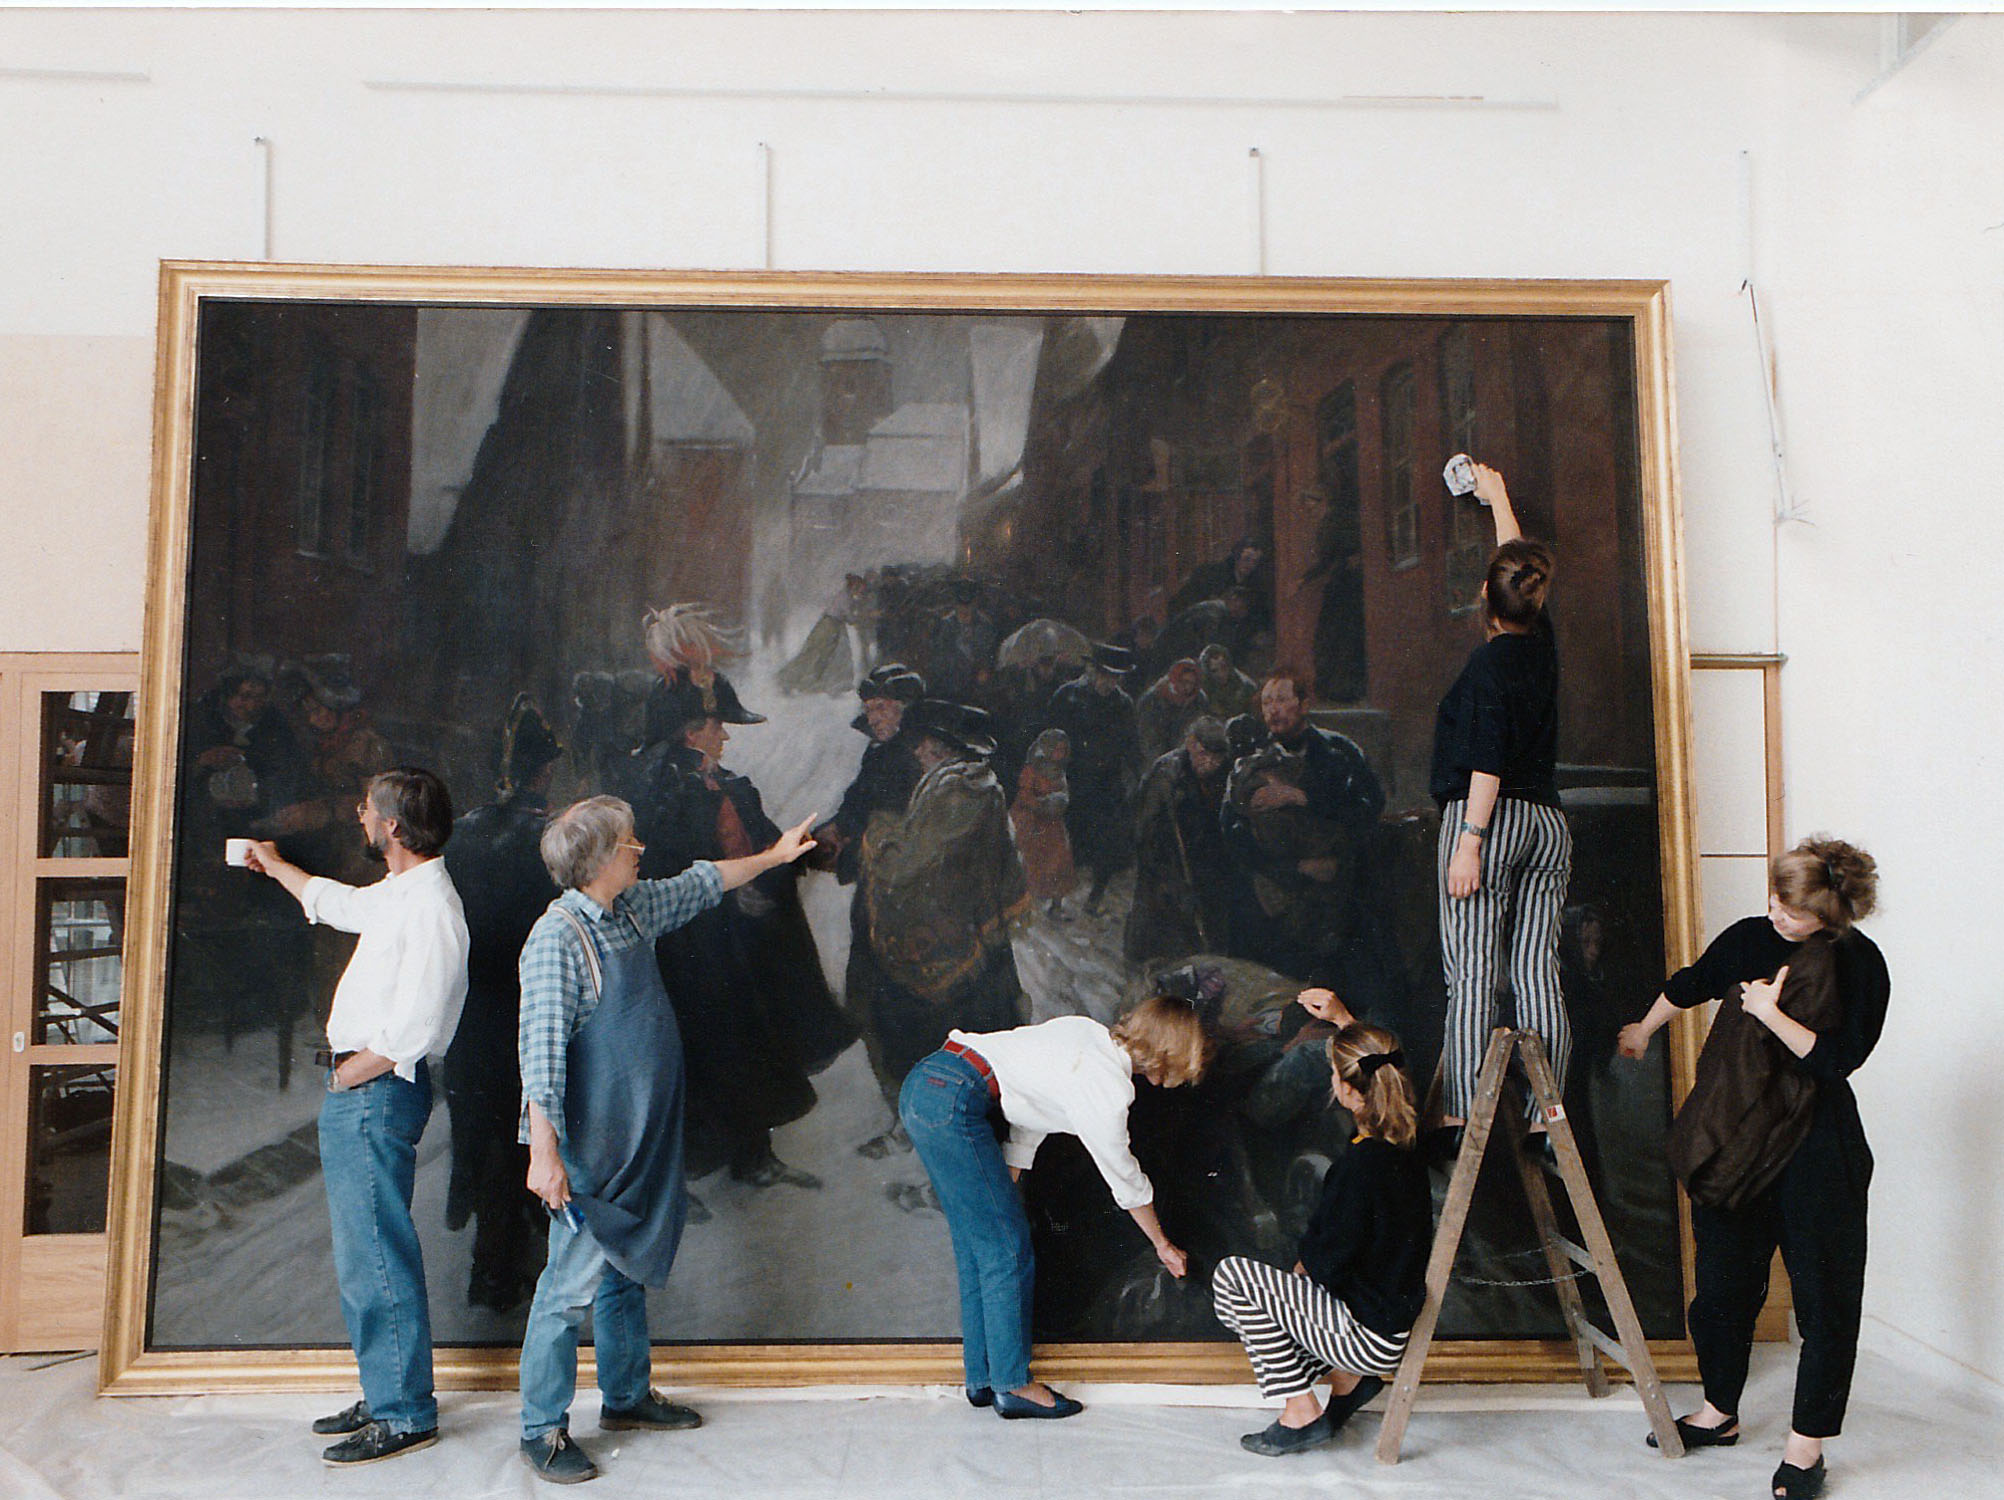 """Bevor das Gemälde von Ludwig Dettmann nach der Restaurierung im Altonaer Museum wieder gehängt wurde, """"mischten"""" sich alle Beteiligten unter der Regie von Hannes Maubach in die dargestellte Szene """"ein"""" (Juni 1988). Foto: Annette Stams-Schmitt"""